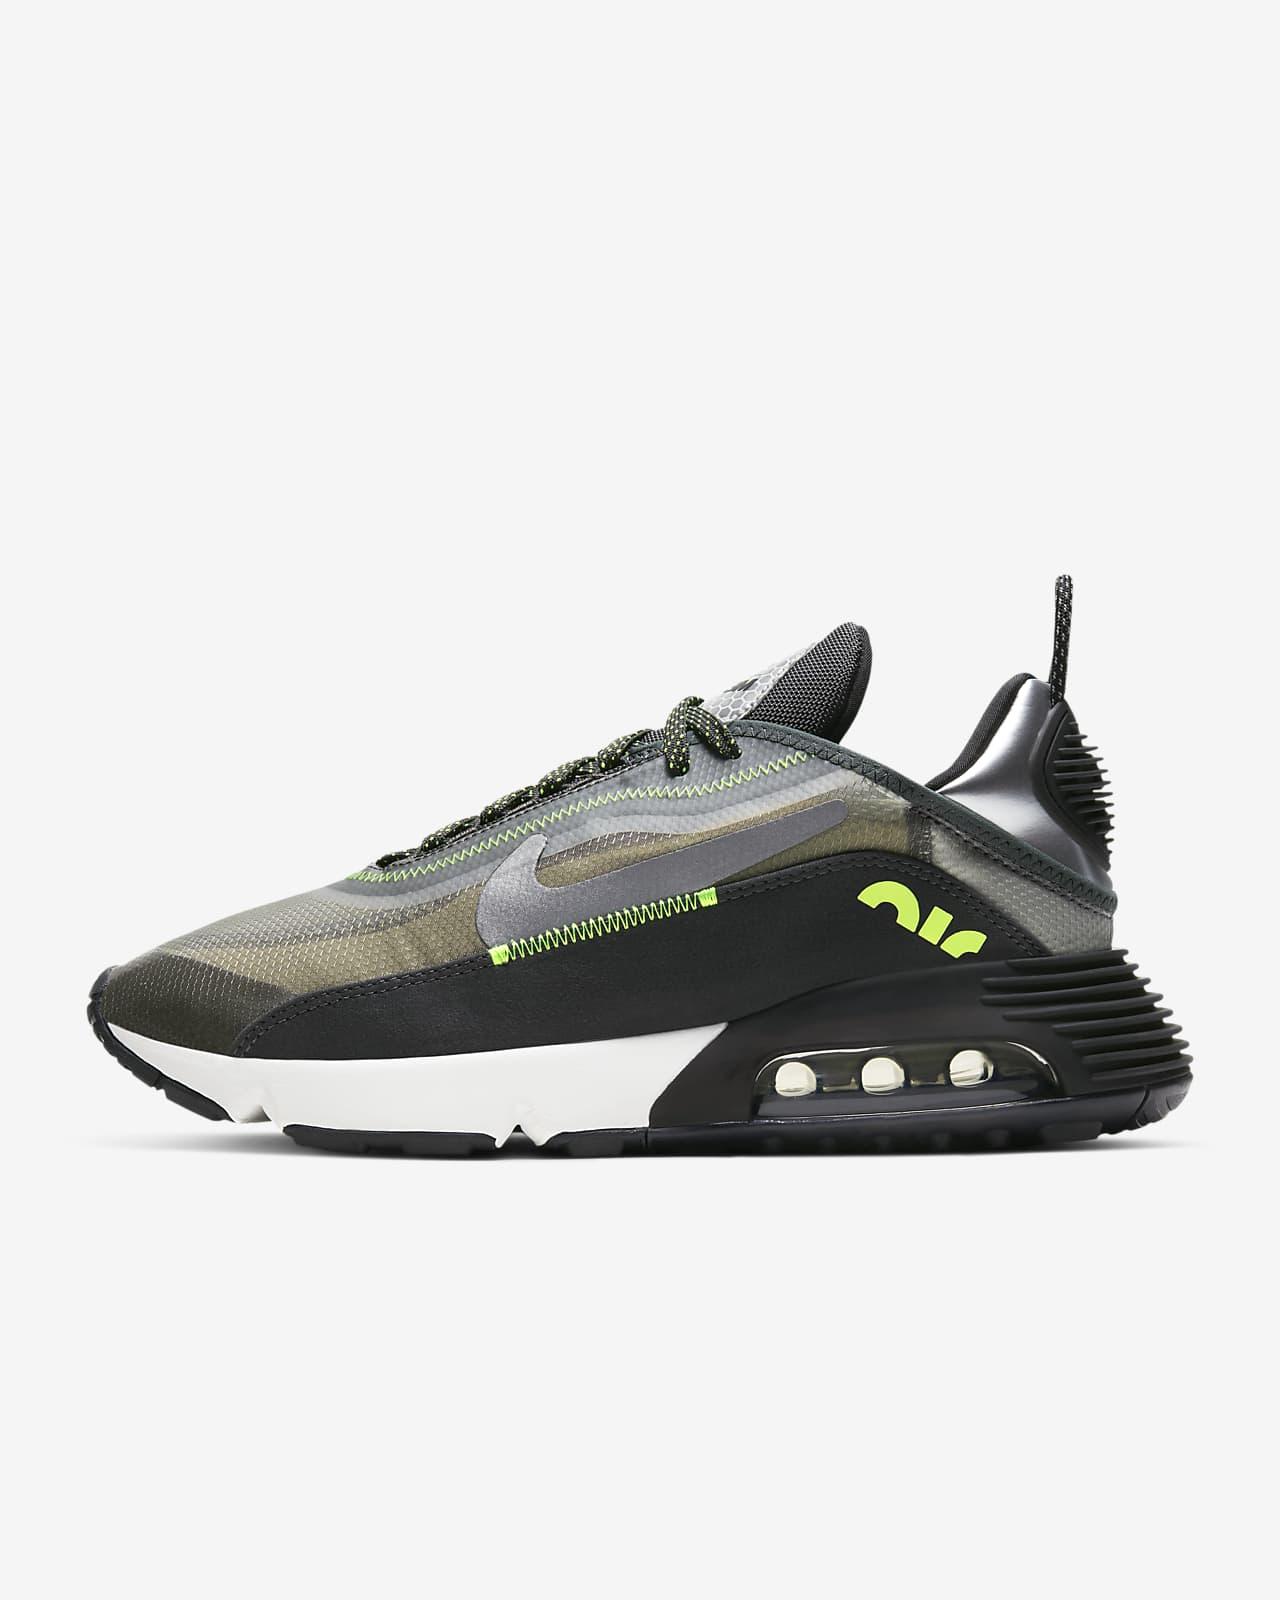 Nike Air Max 2090 SE 男子运动鞋